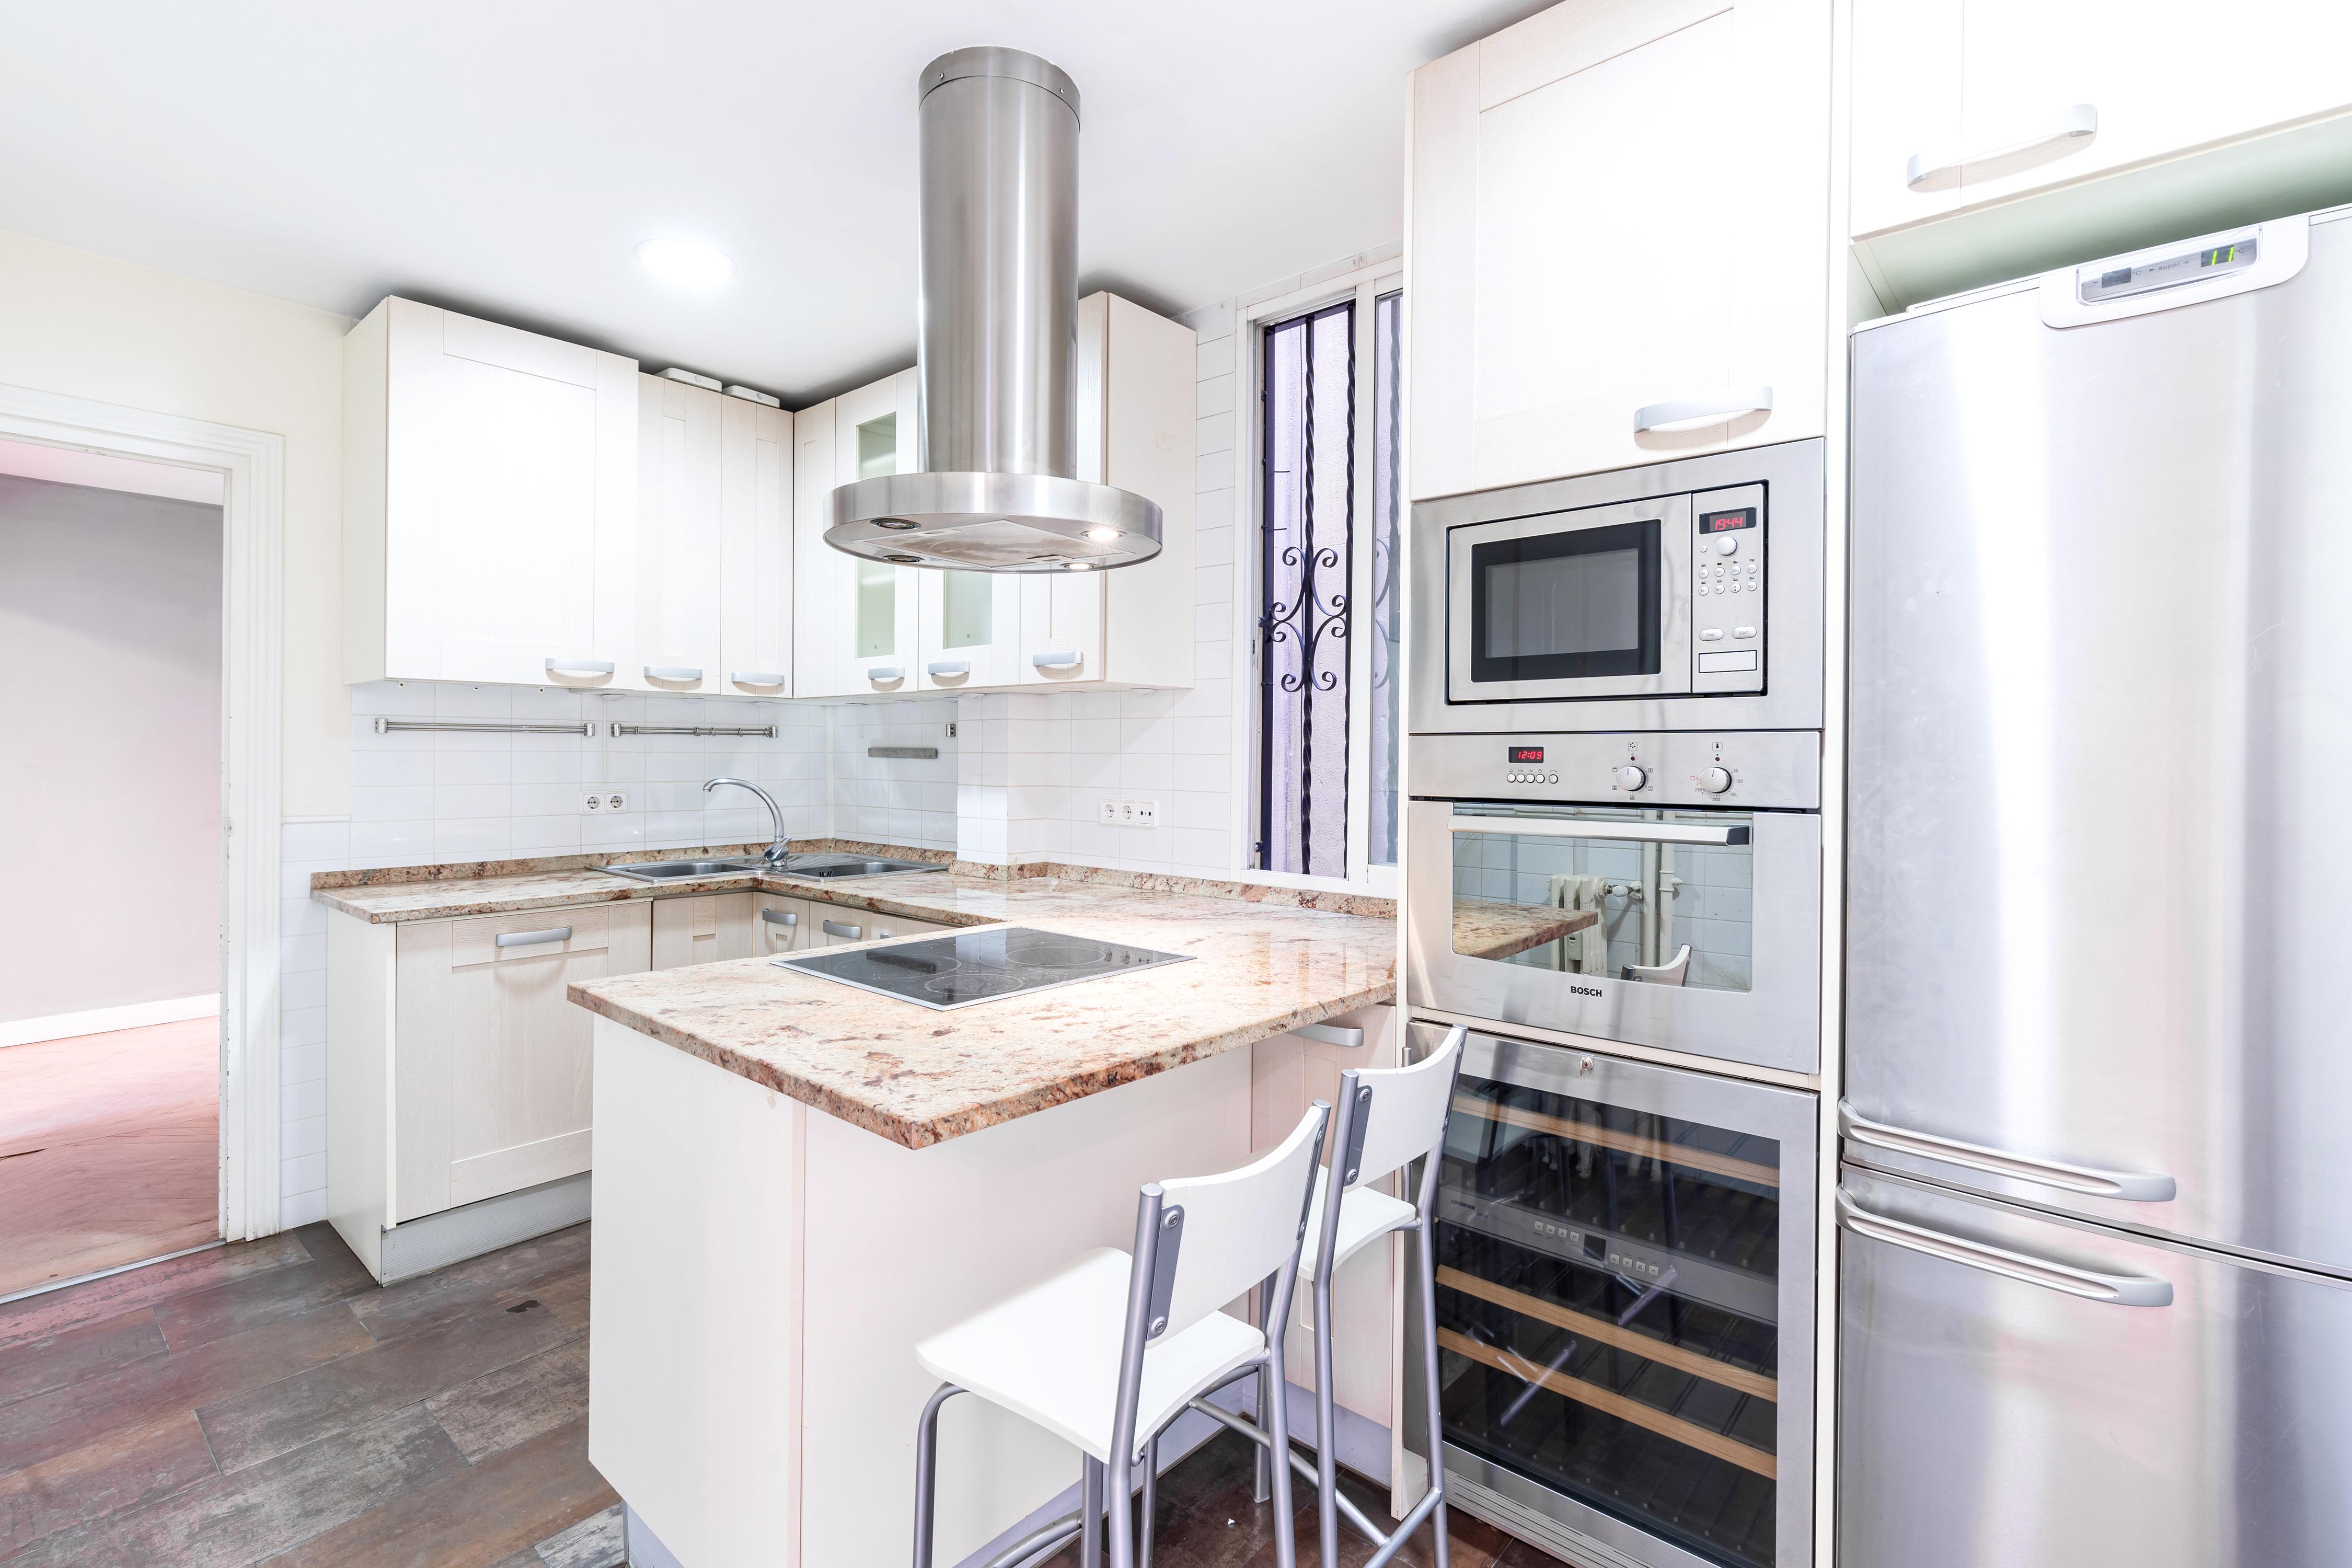 Amplia cocina con horno, nevera y microondas